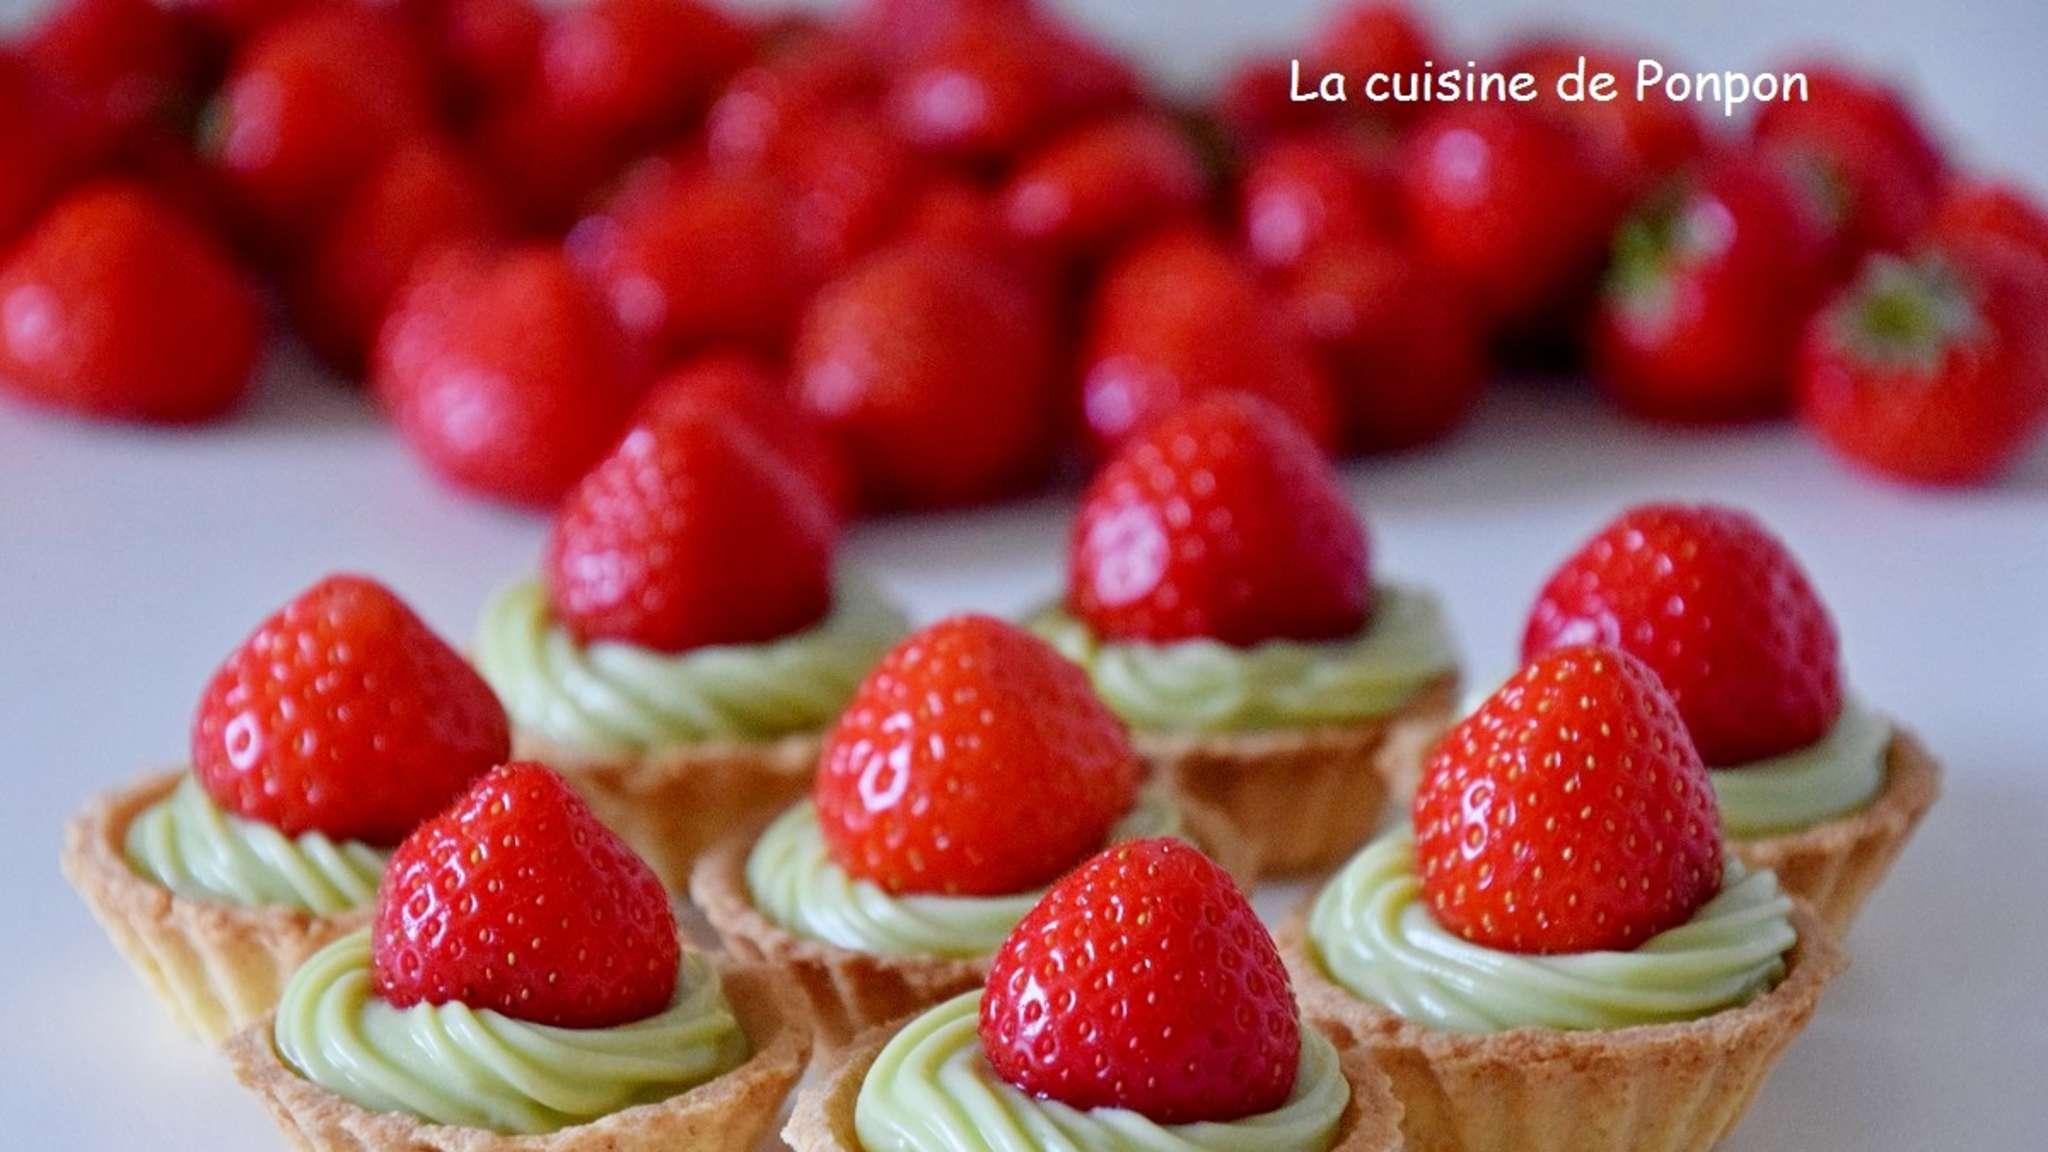 Mini tartelette garnie de crème d'avocat surmonté d'une fraise